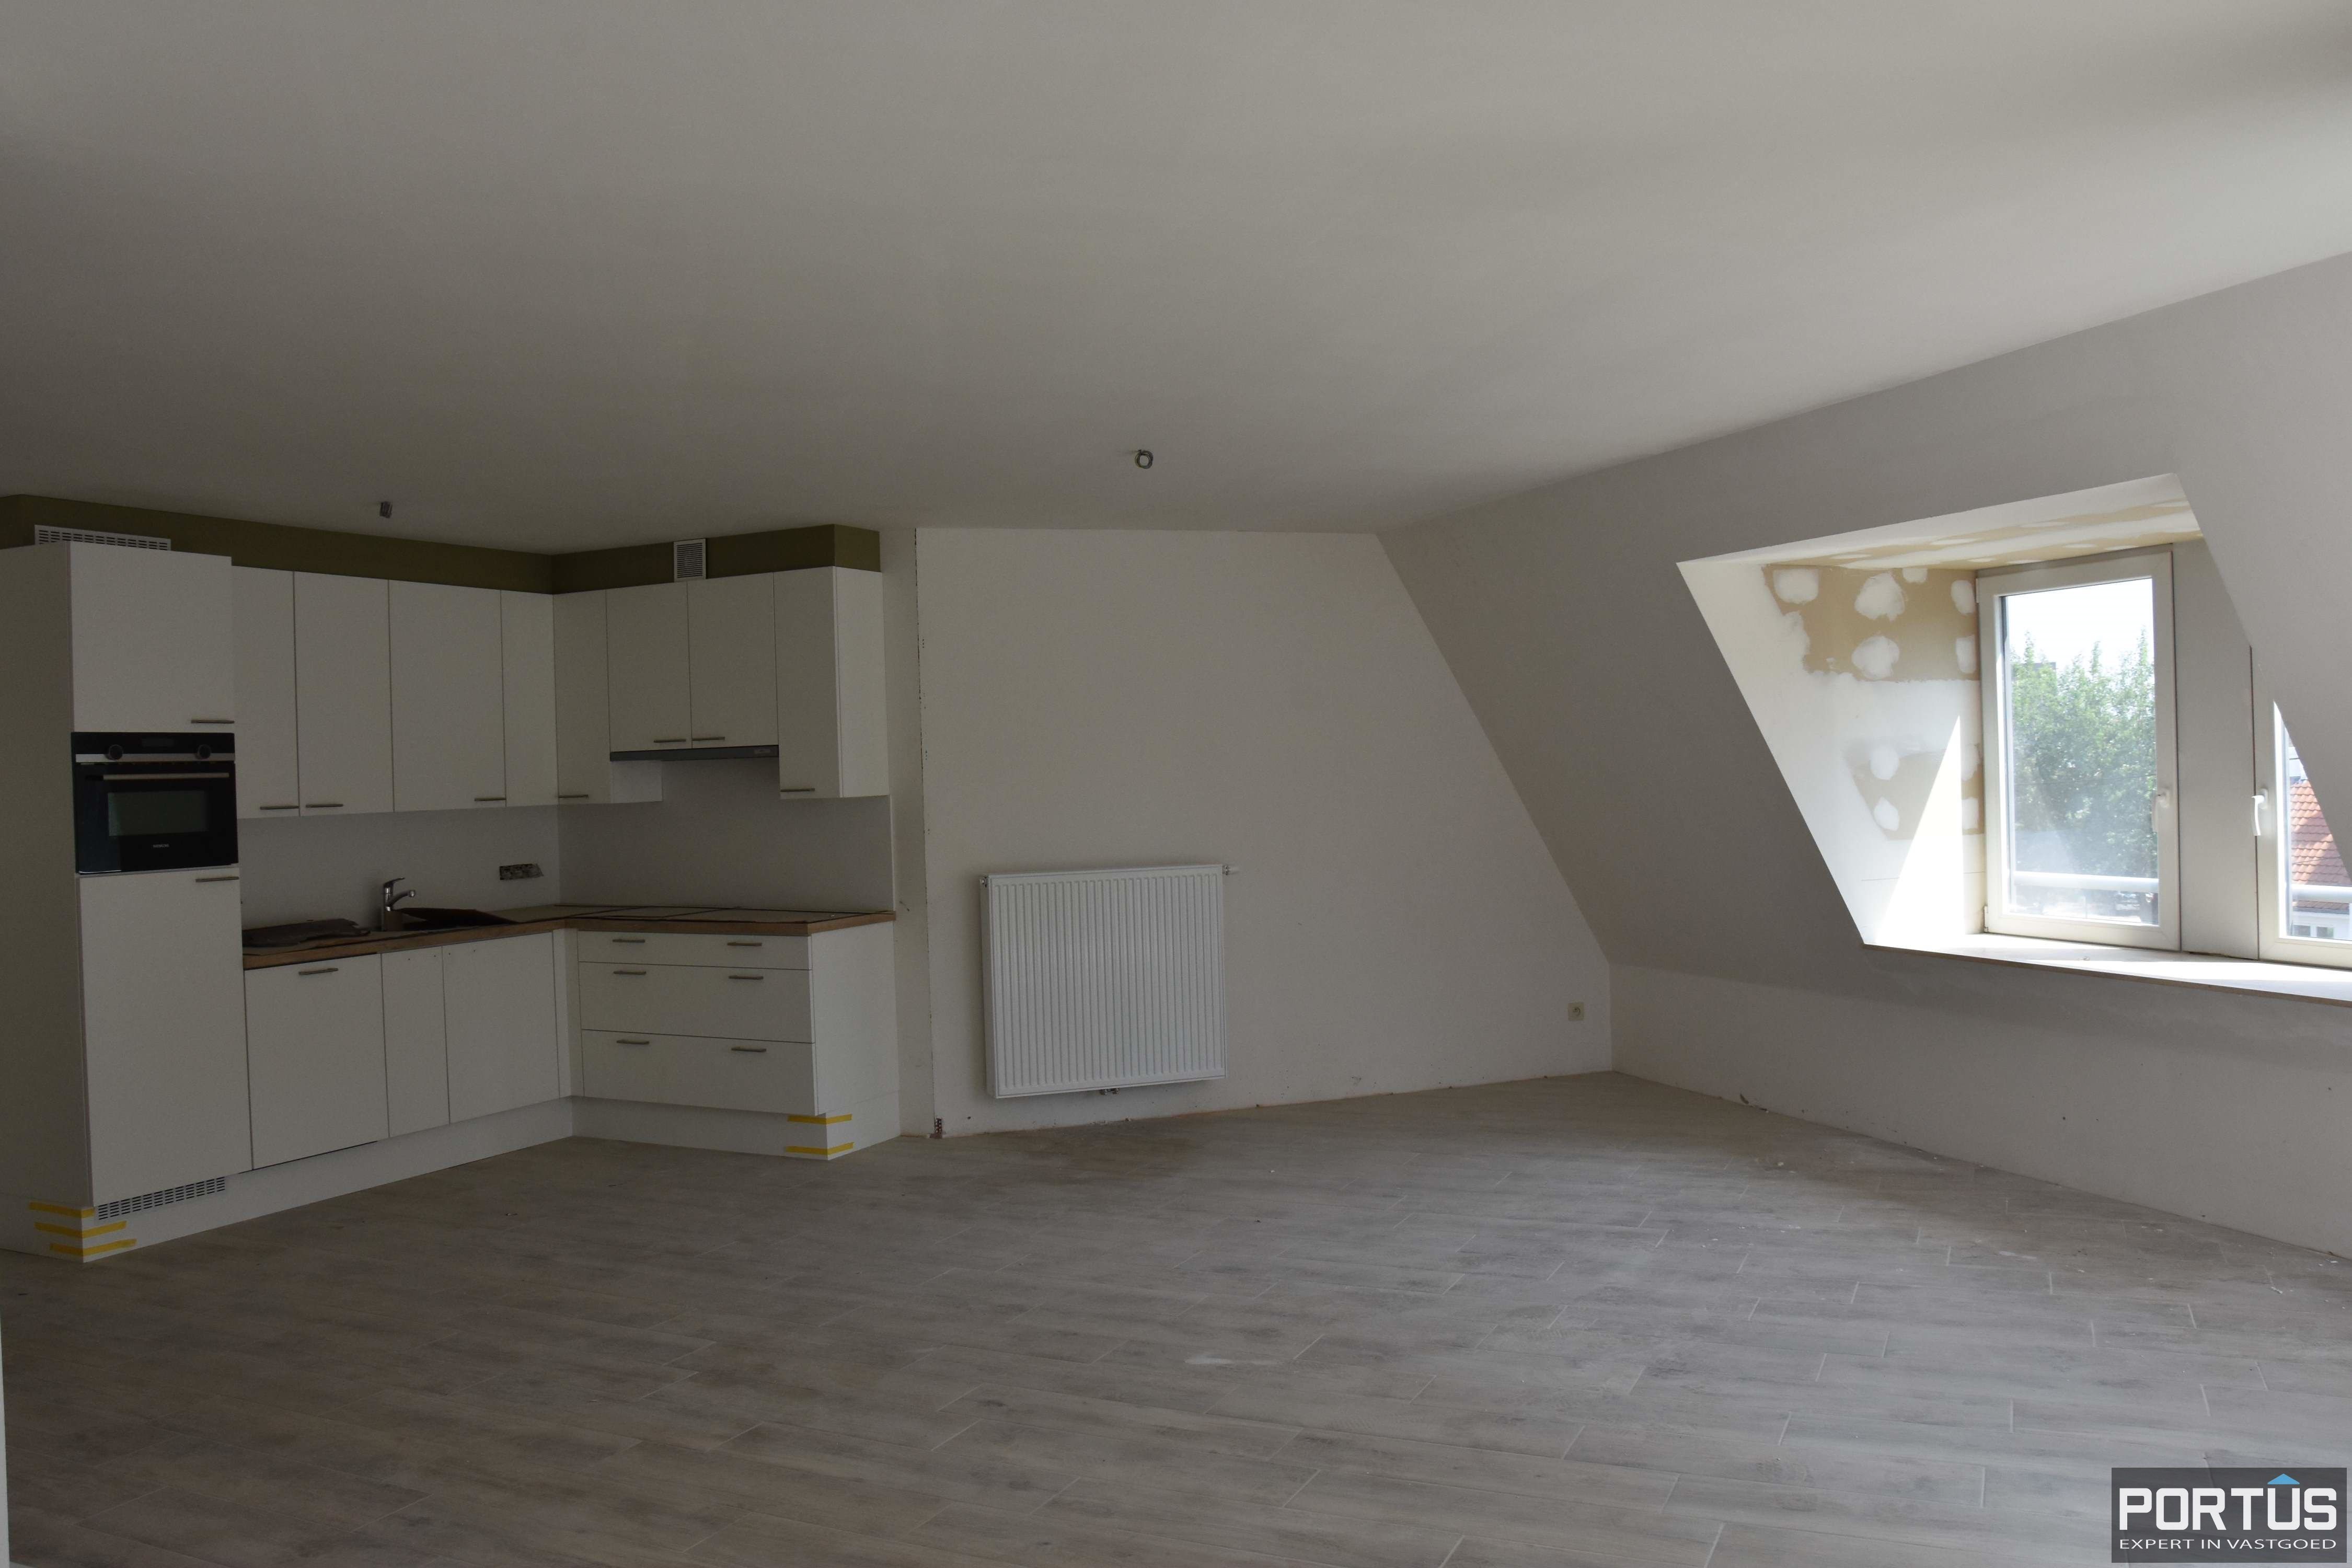 Appartement Residentie Villa Crombez Nieuwpoort - 8361